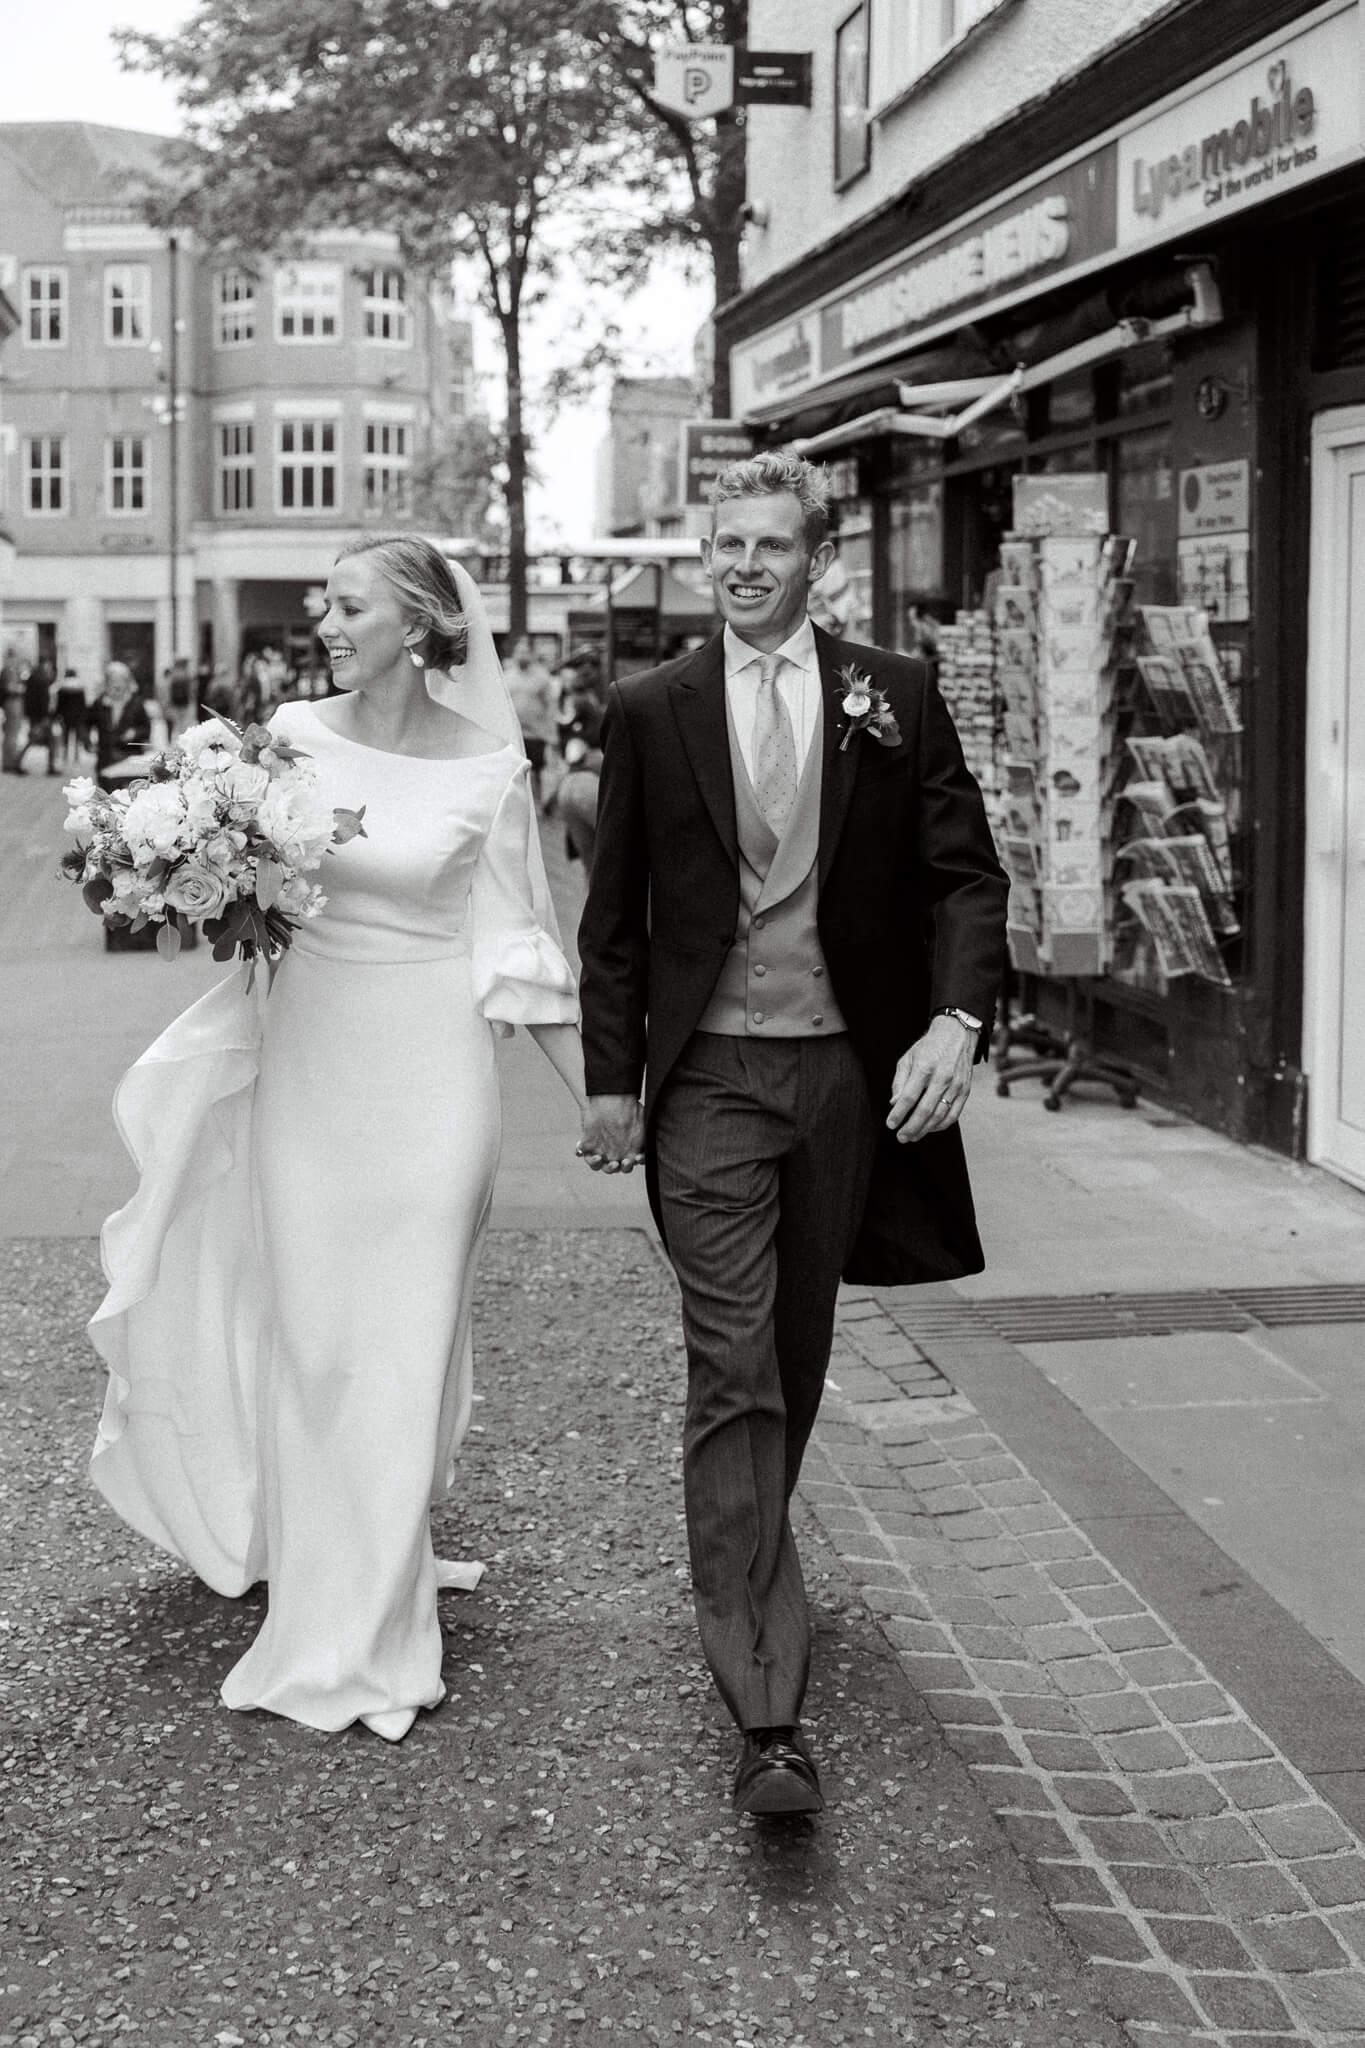 Oxford wedding photos in city centre